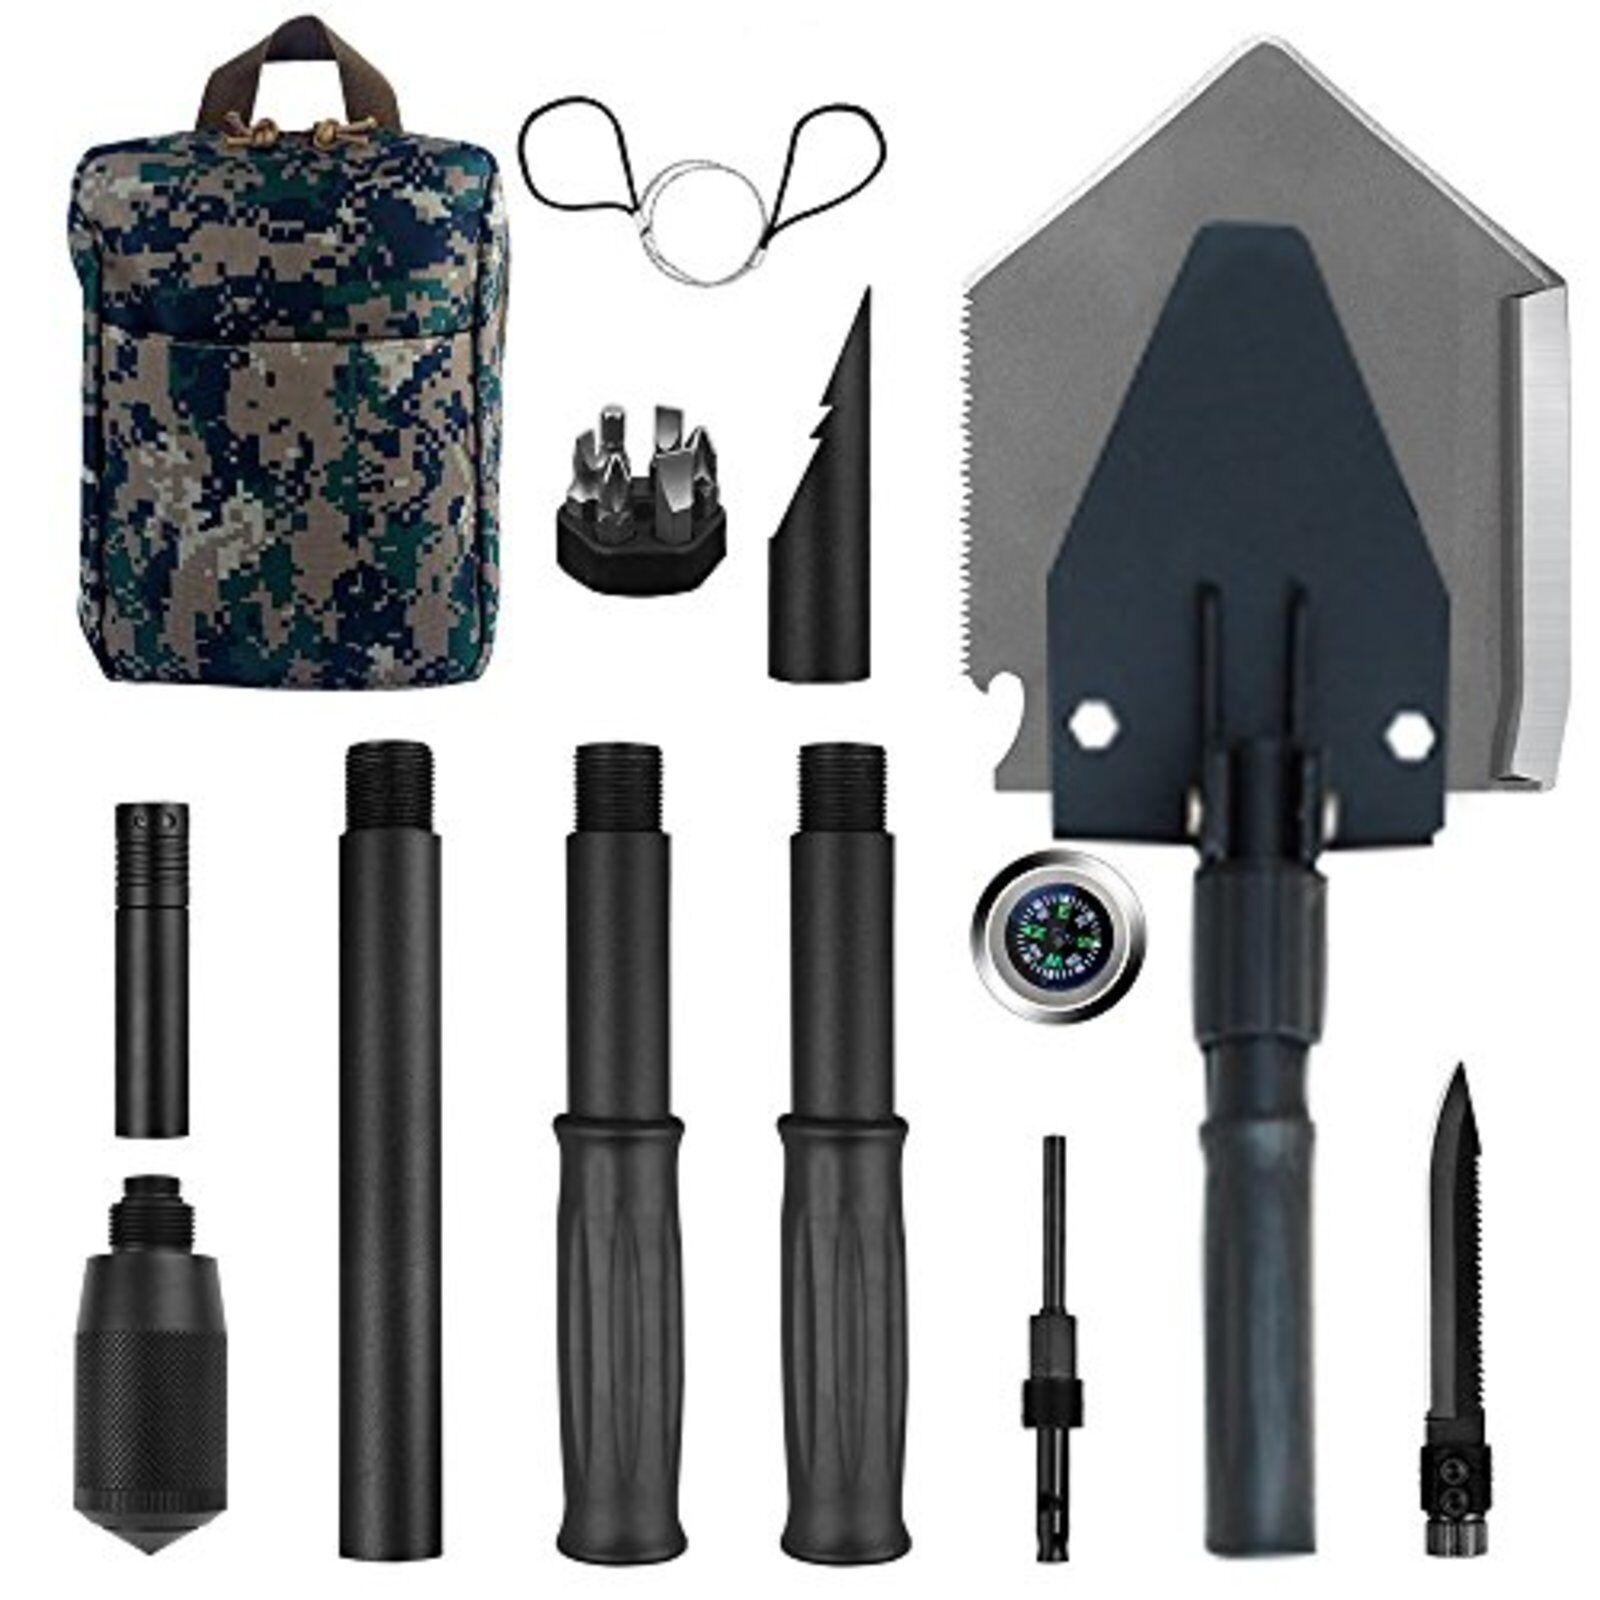 Militär Tragbarer Faltbarer Schaufel 89cm Lang Taktisch Set F S W Verfolgen